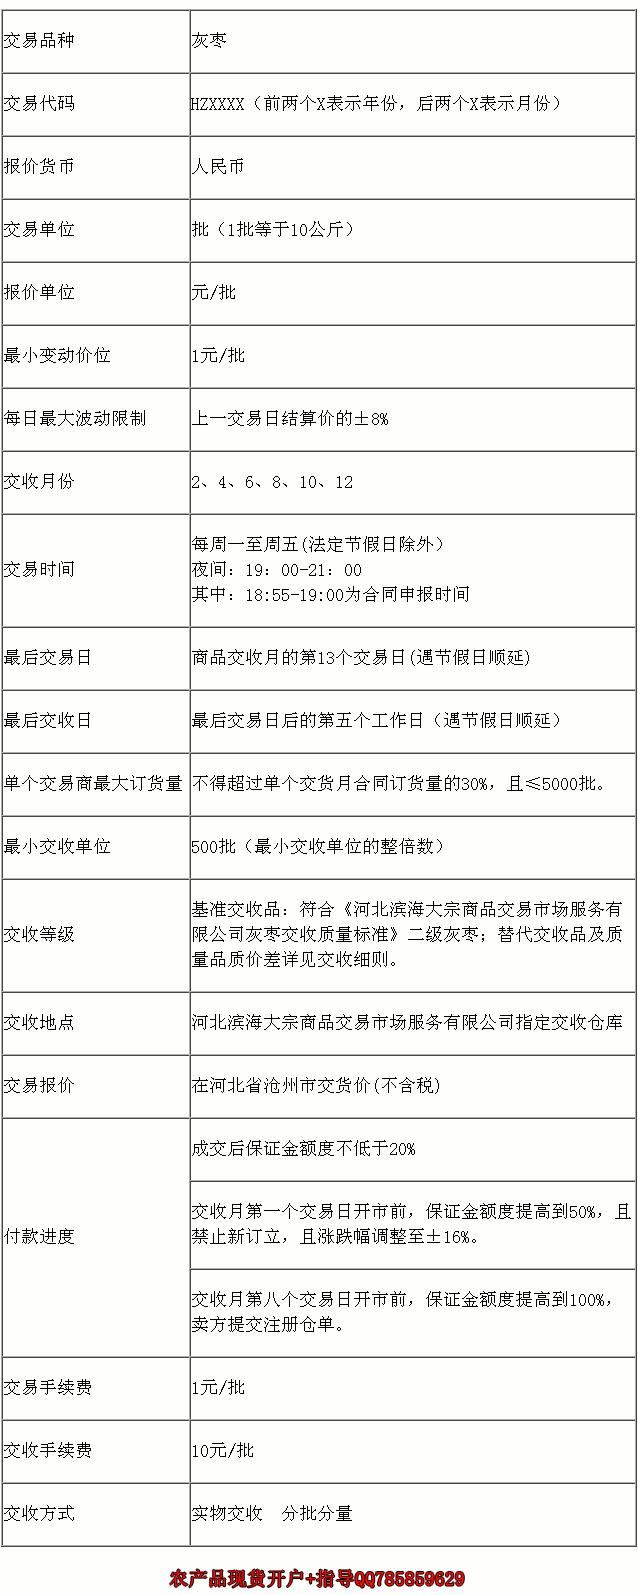 huizhaojiaoyiheyue